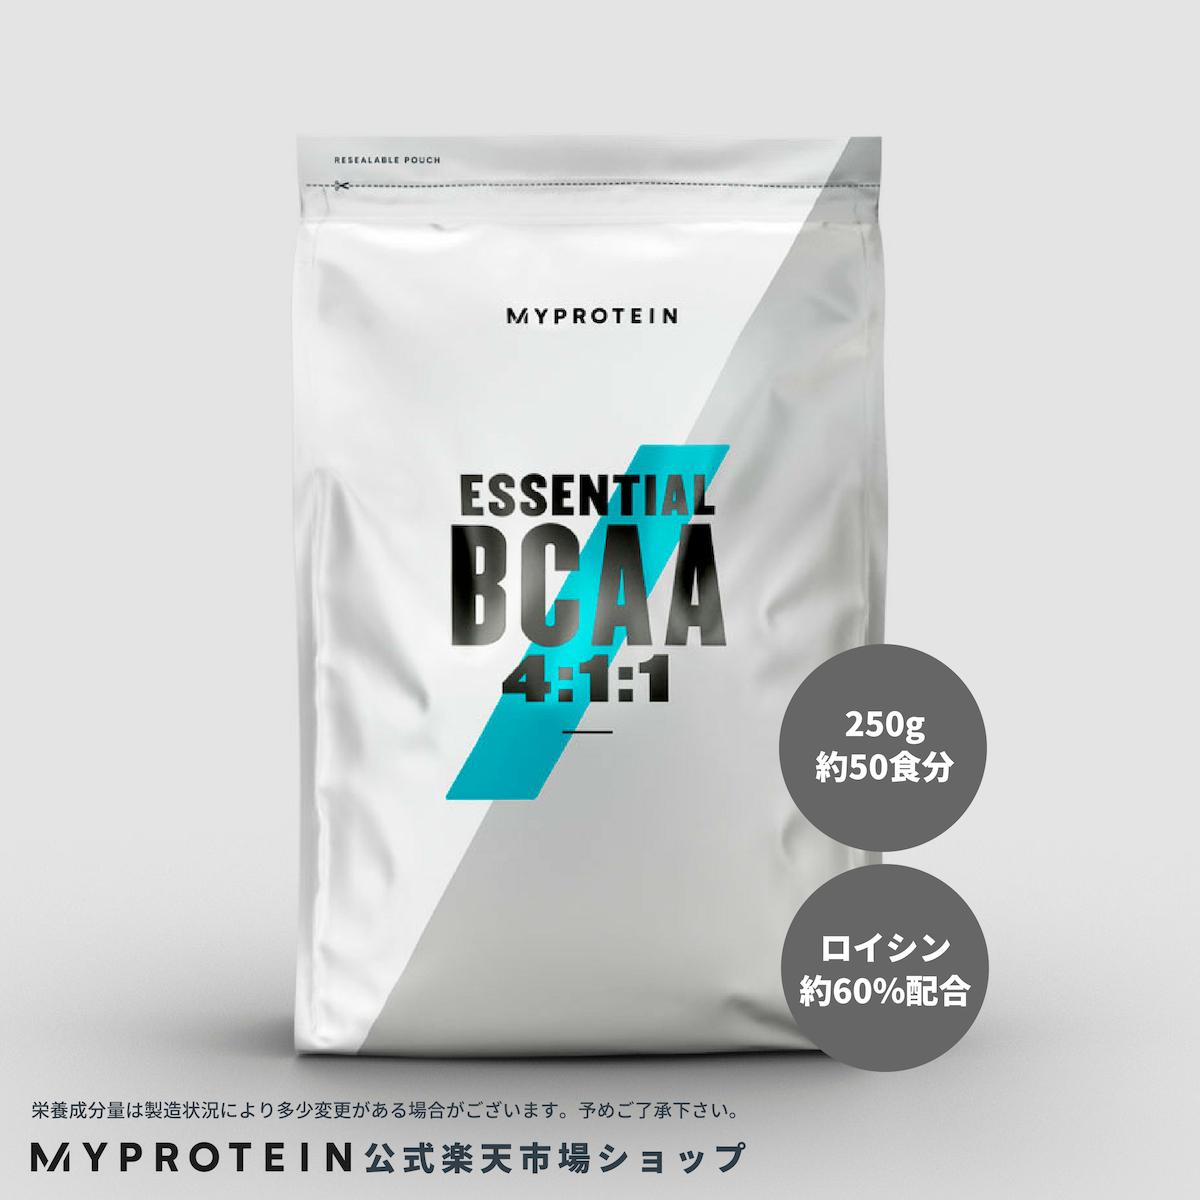 マイプロテイン 公式 【MyProtein】 BCAA 4:1:1 (分岐鎖アミノ酸) 250g 約50食分| サプリメント サプリ EAA アミノ酸 バリン ロイシン スポーツサプリ ダイエットサプリ アルギニン カルニチン